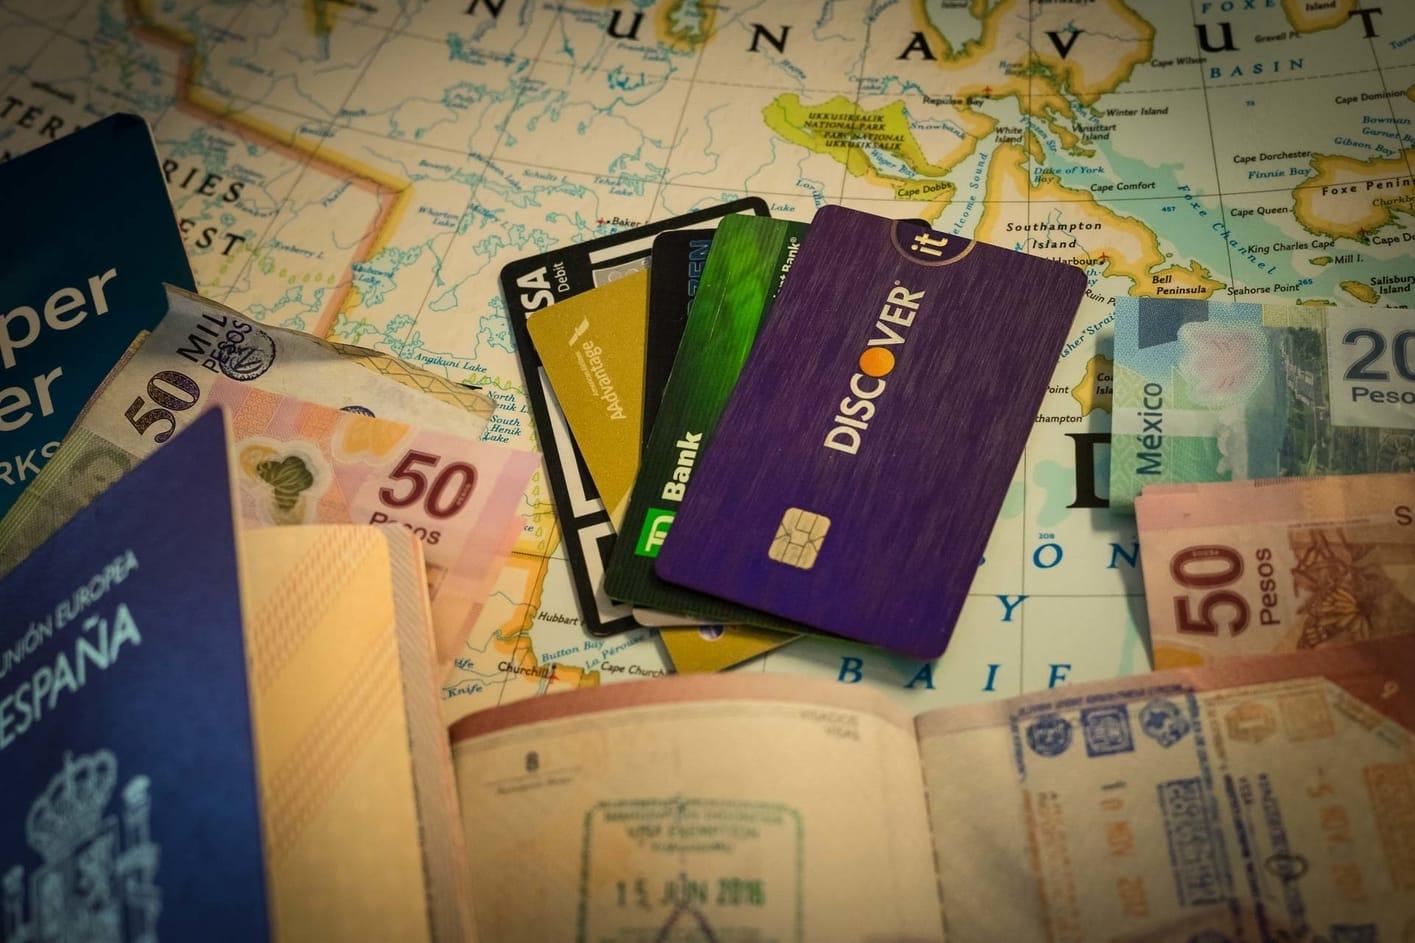 al pagar con tarjeta moneda local o euros en el extranjero